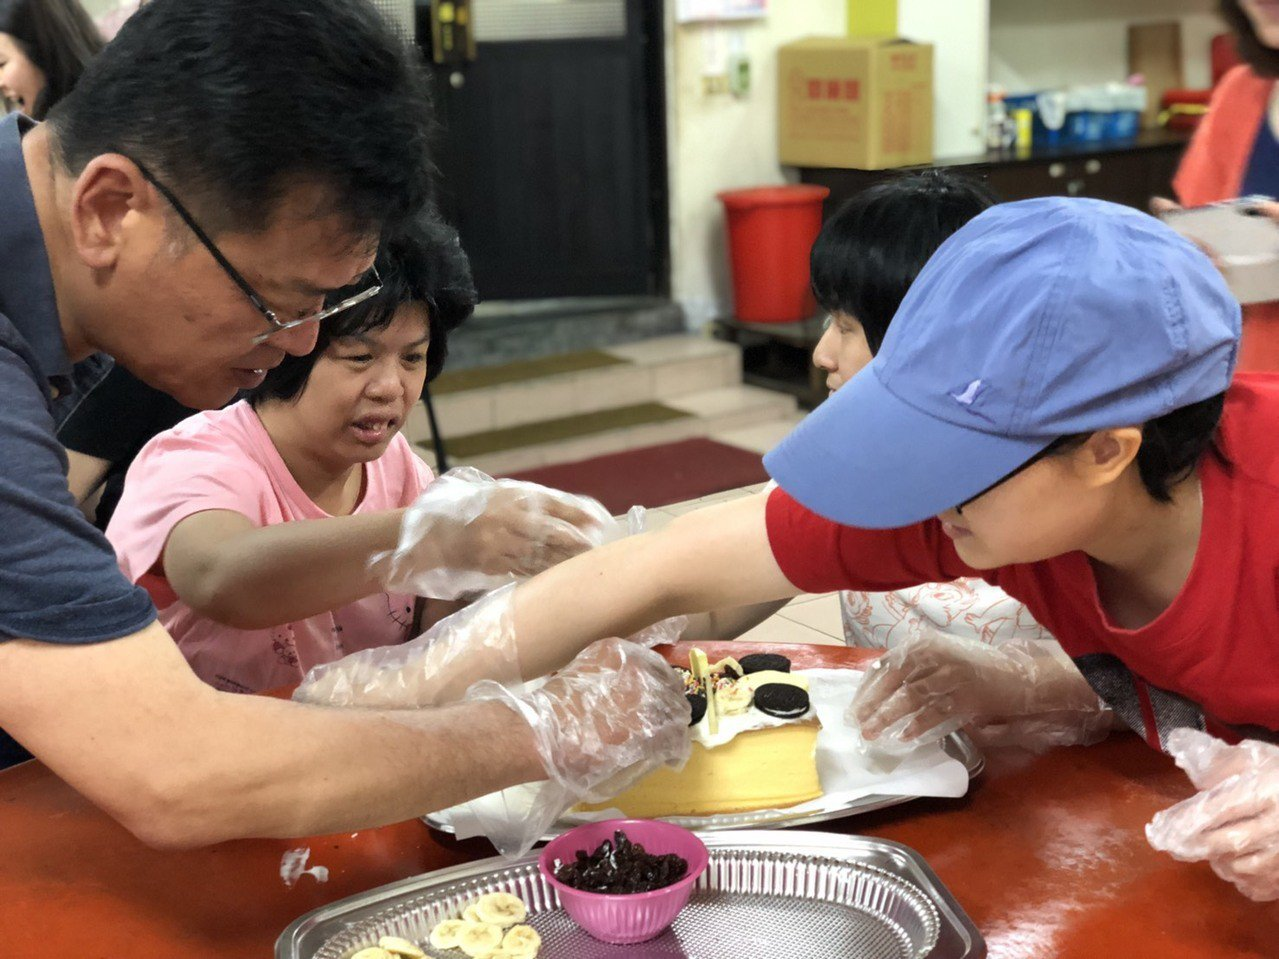 為了祝賀媽祖誕辰,身心障礙的朋友與社區長者一起做蛋糕。圖/臺北市立聯合醫院提供